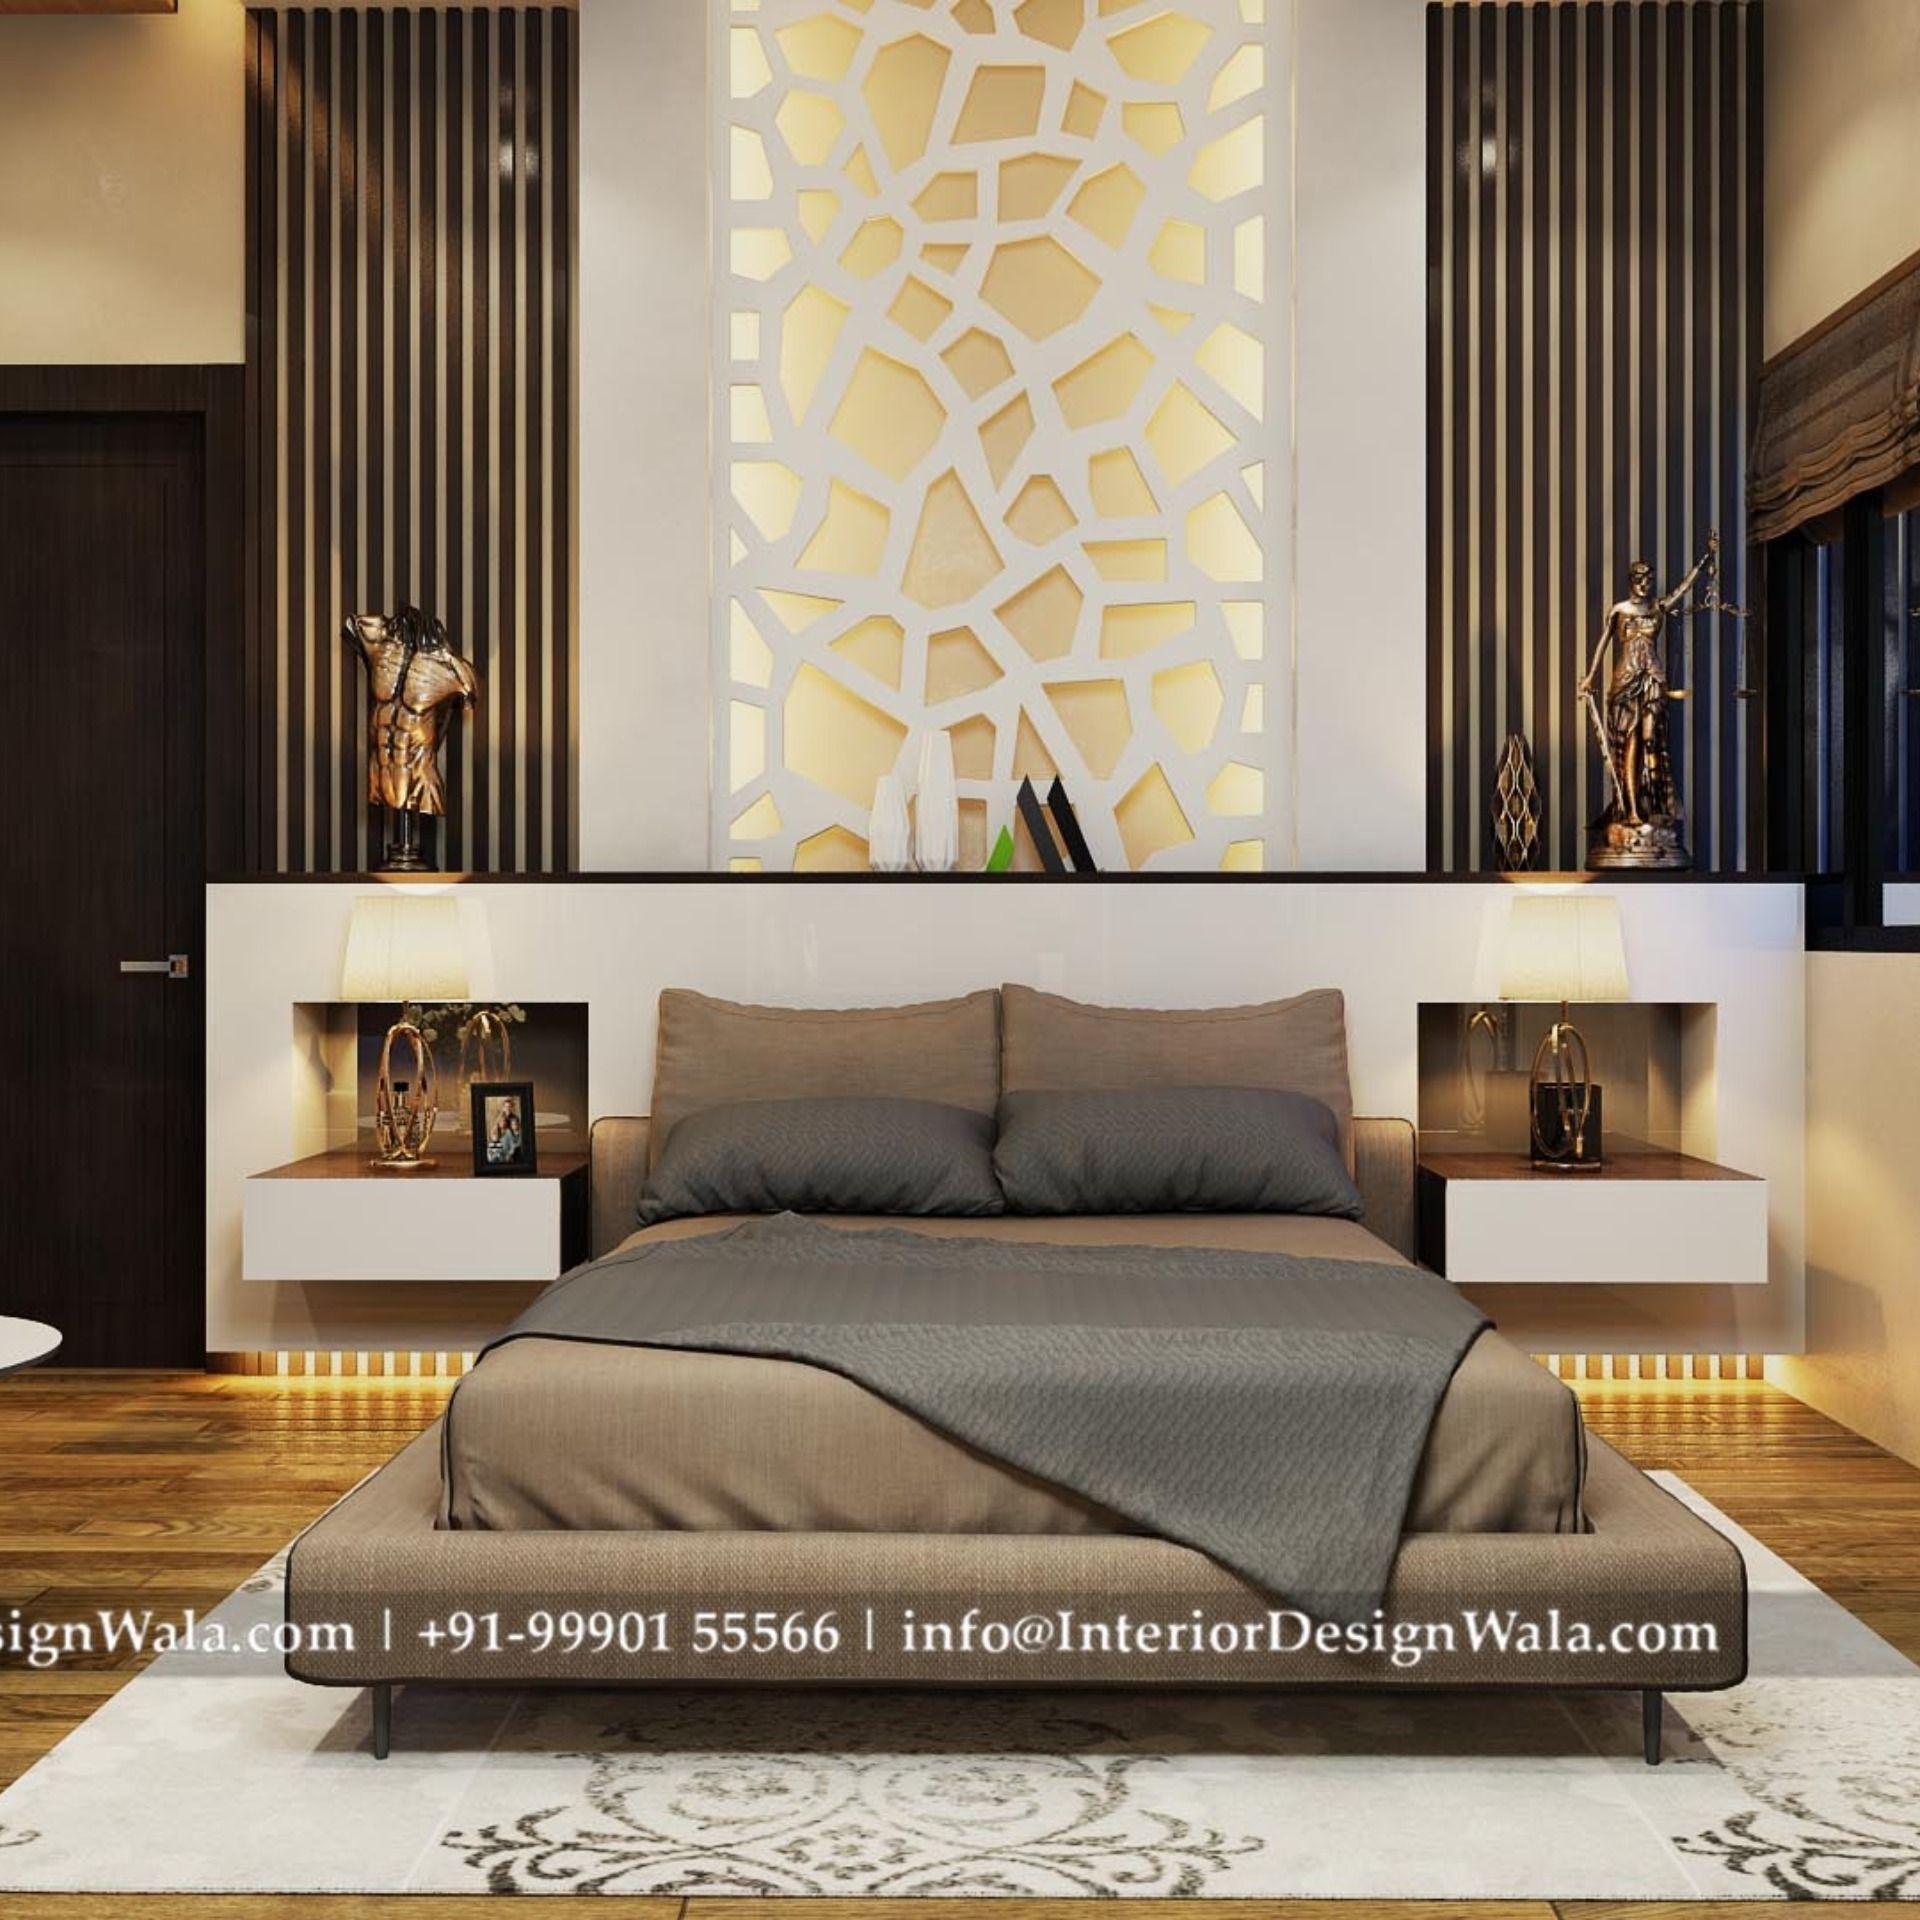 Modern Master Bedroom Interior Design And Back Paneling Designed By Master Bedroom Interior Design Bedroom Interior Design Modern Luxury Master Bedroom Design Interior bedroom decoration images